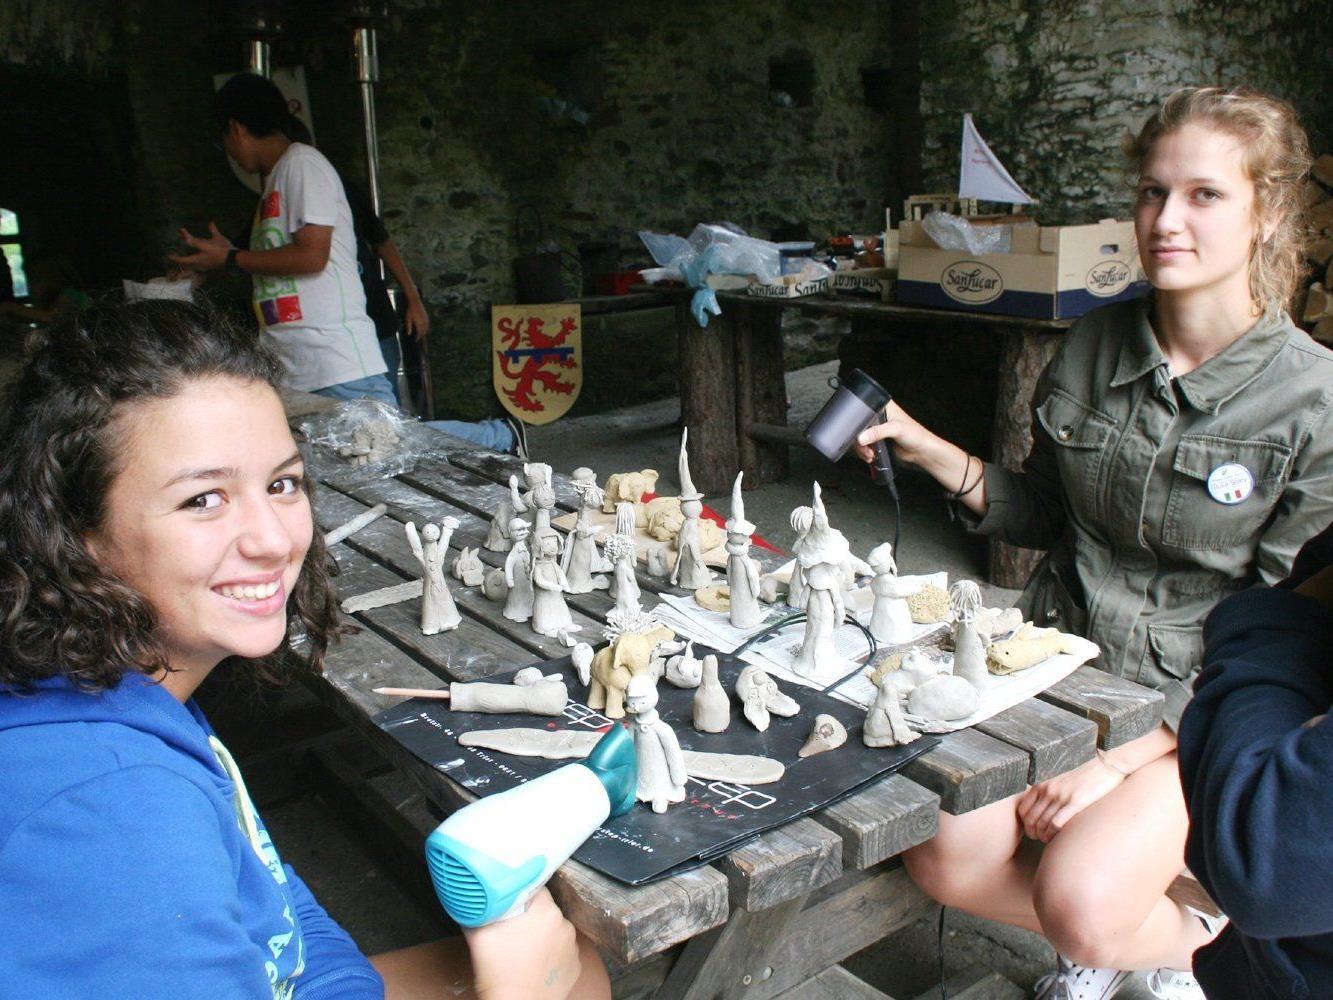 Internationale Begegnungen und spannende Aktivitäten zeichnen die Ländle-goes-Europe-Camps aus.